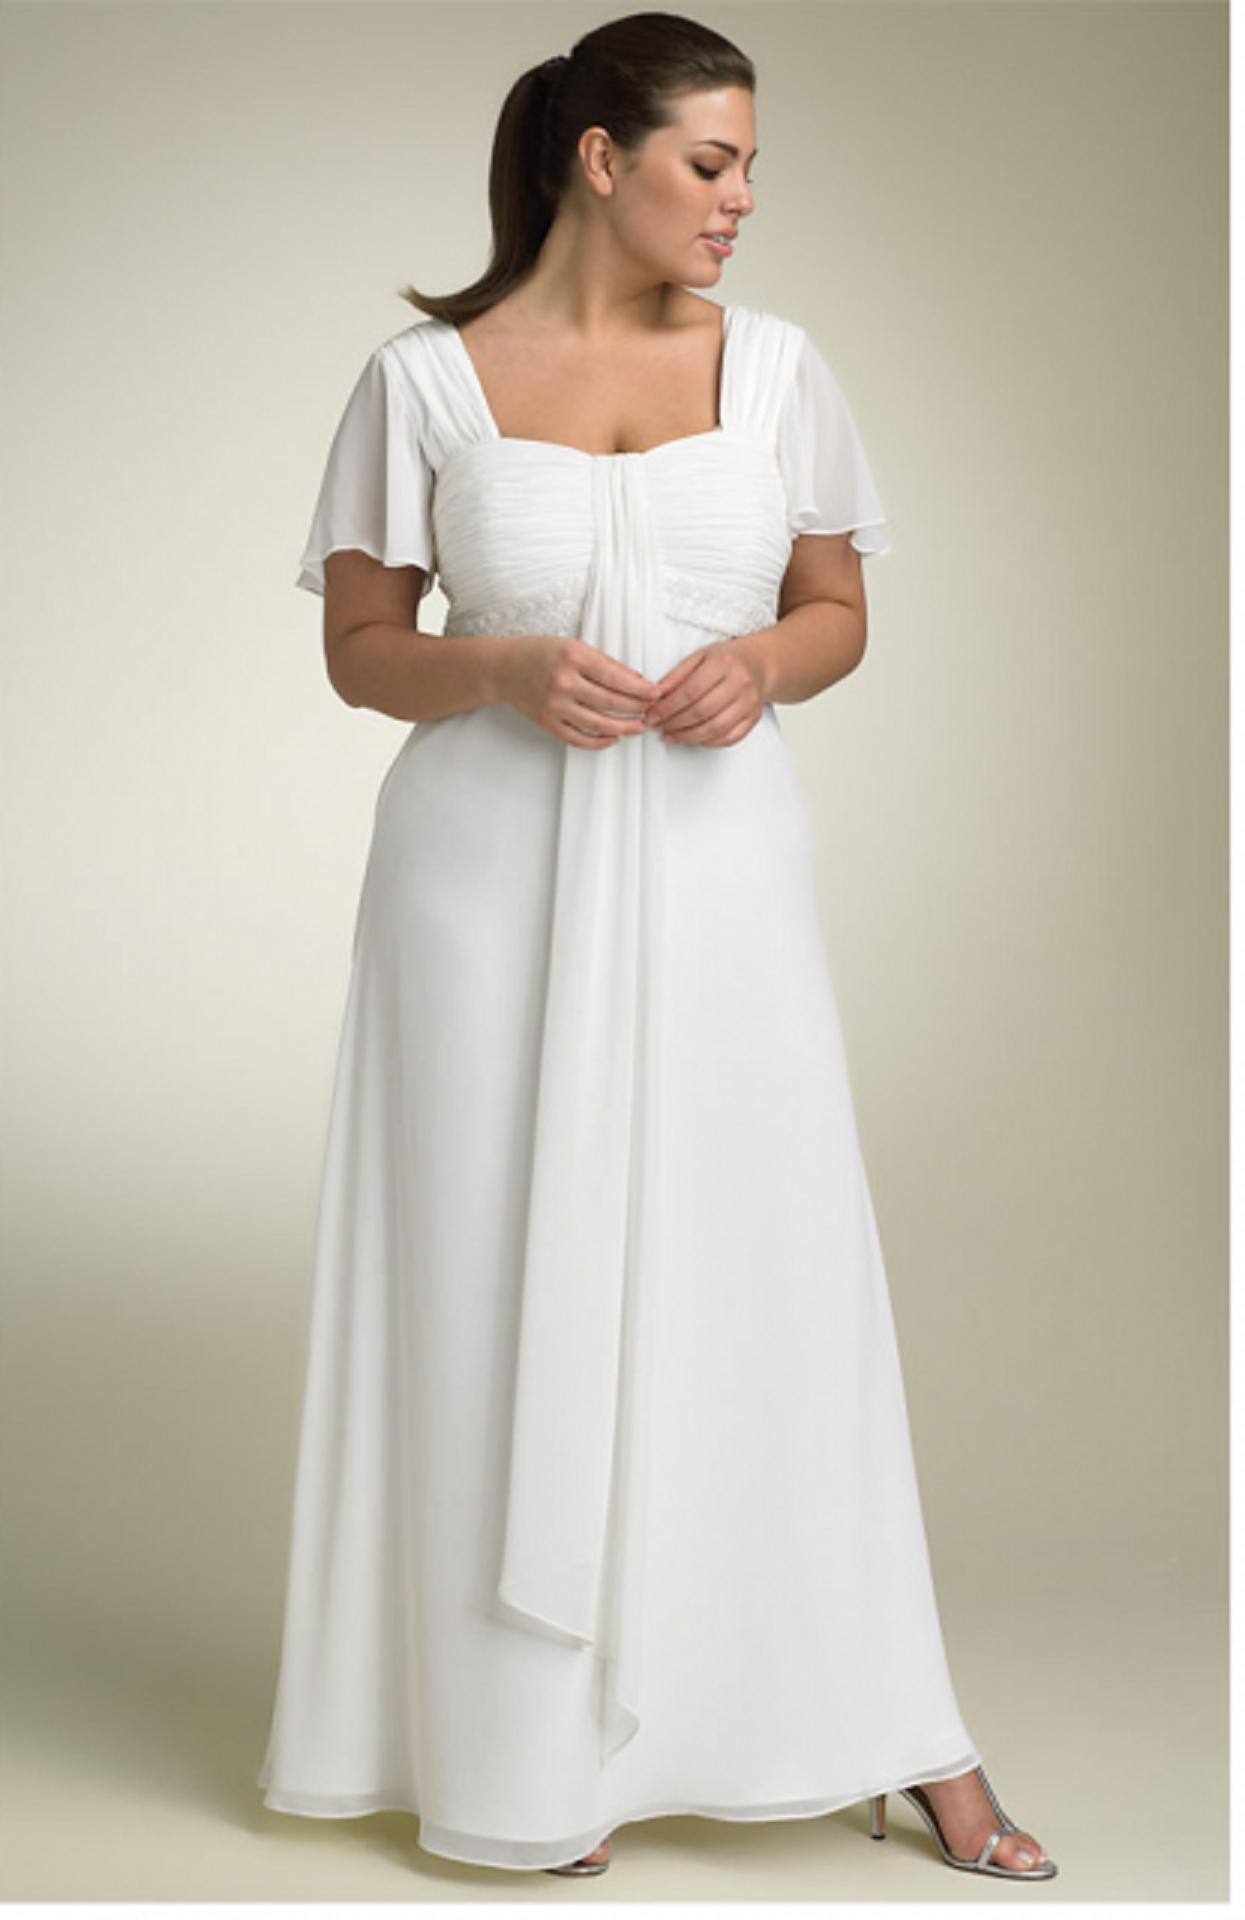 White plus size dress australia